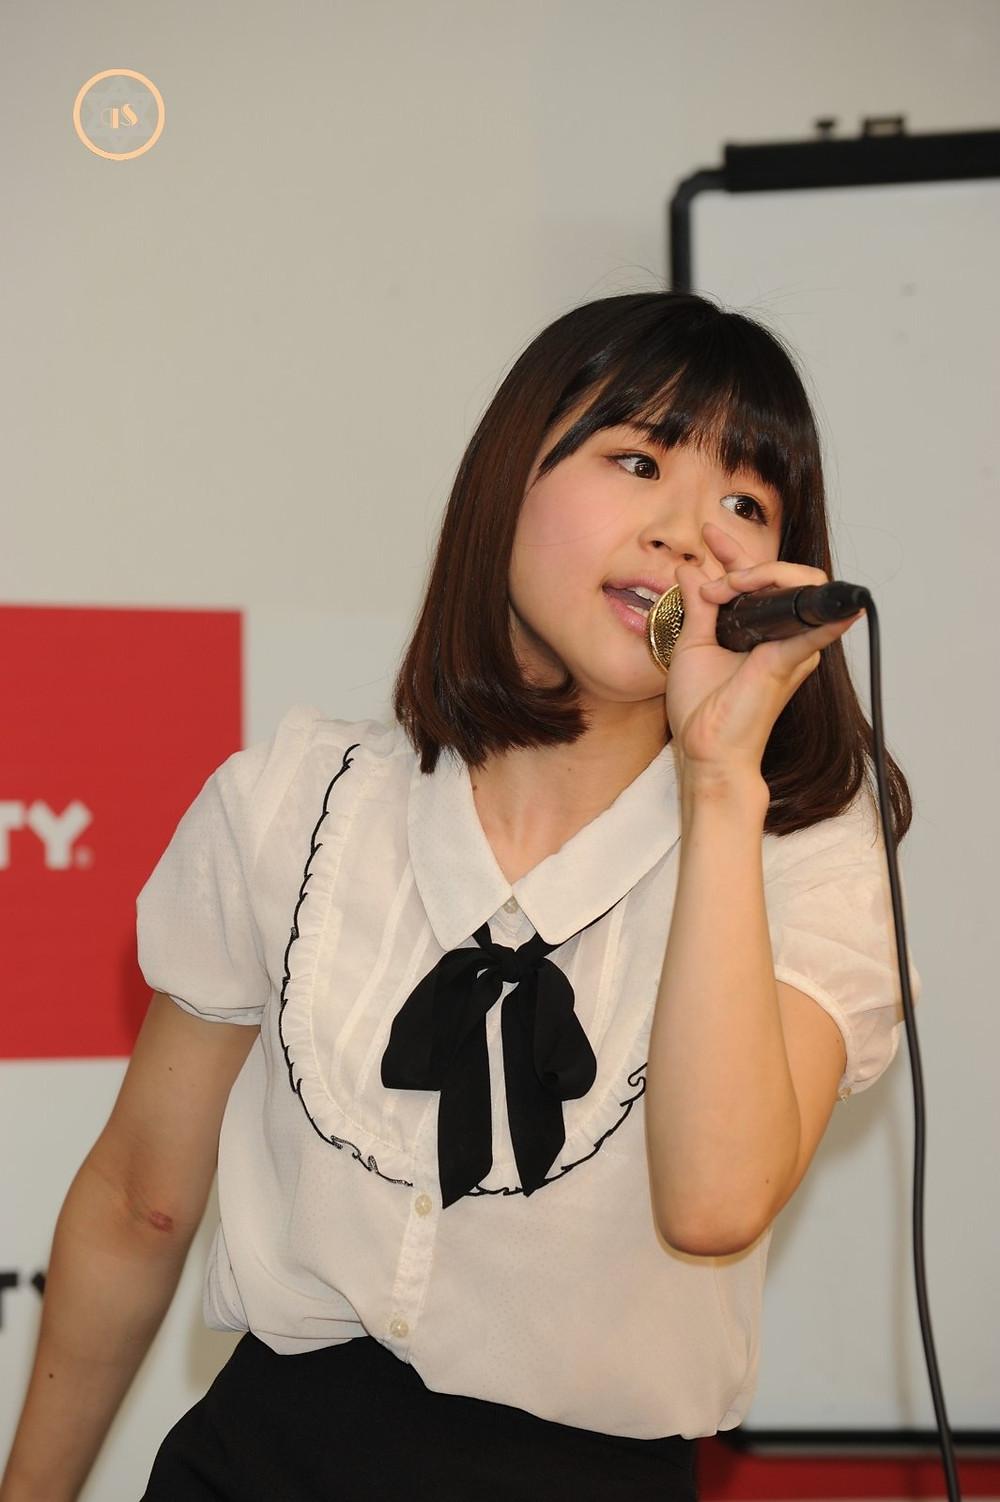 巨乳Hカップグラドル水月桃子の女教師「オーディション」 (2)